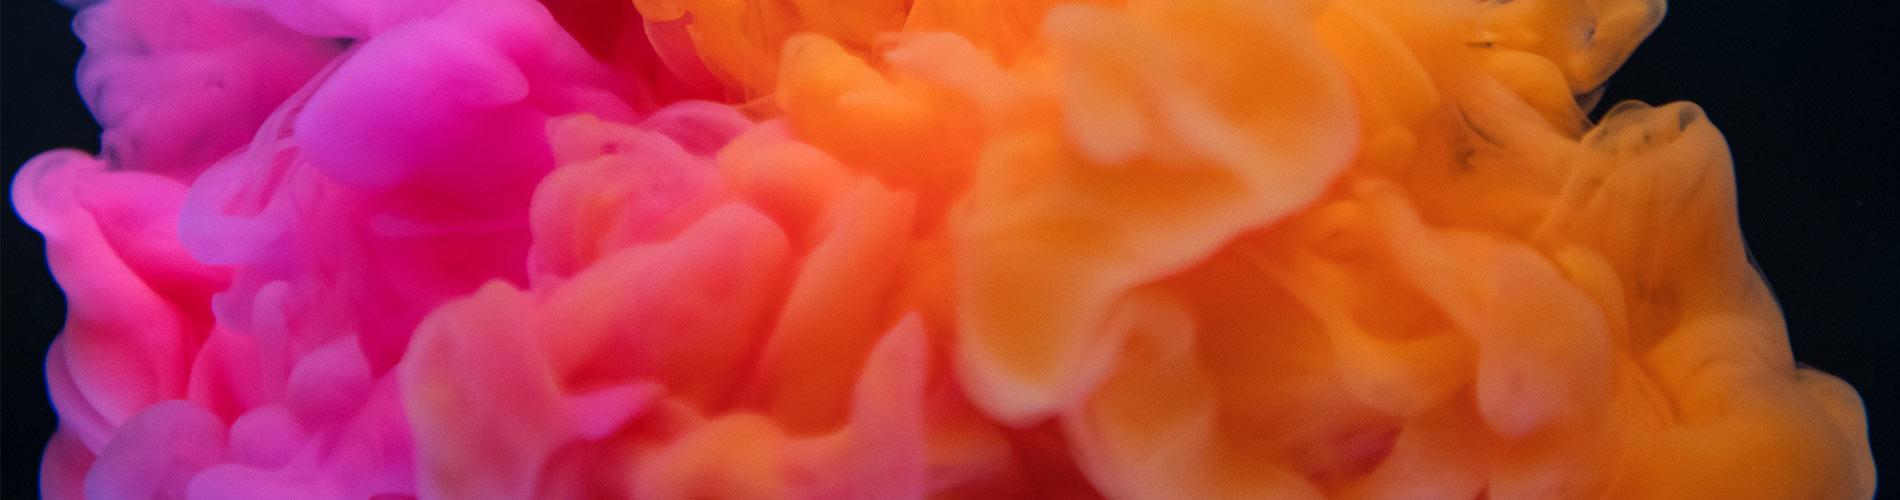 fumo-colorato-1900×500